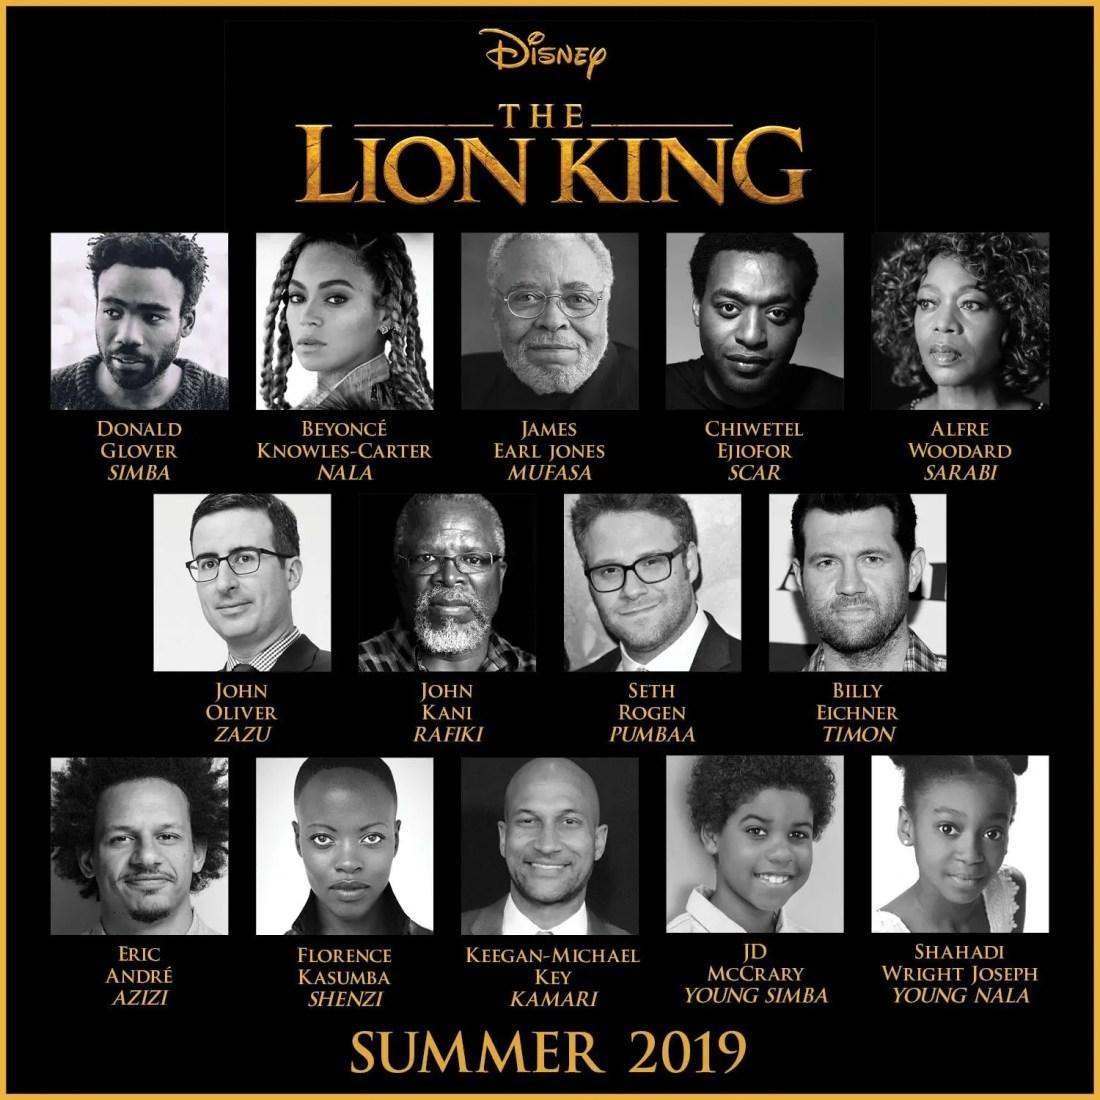 Disney's The Lion King Cast